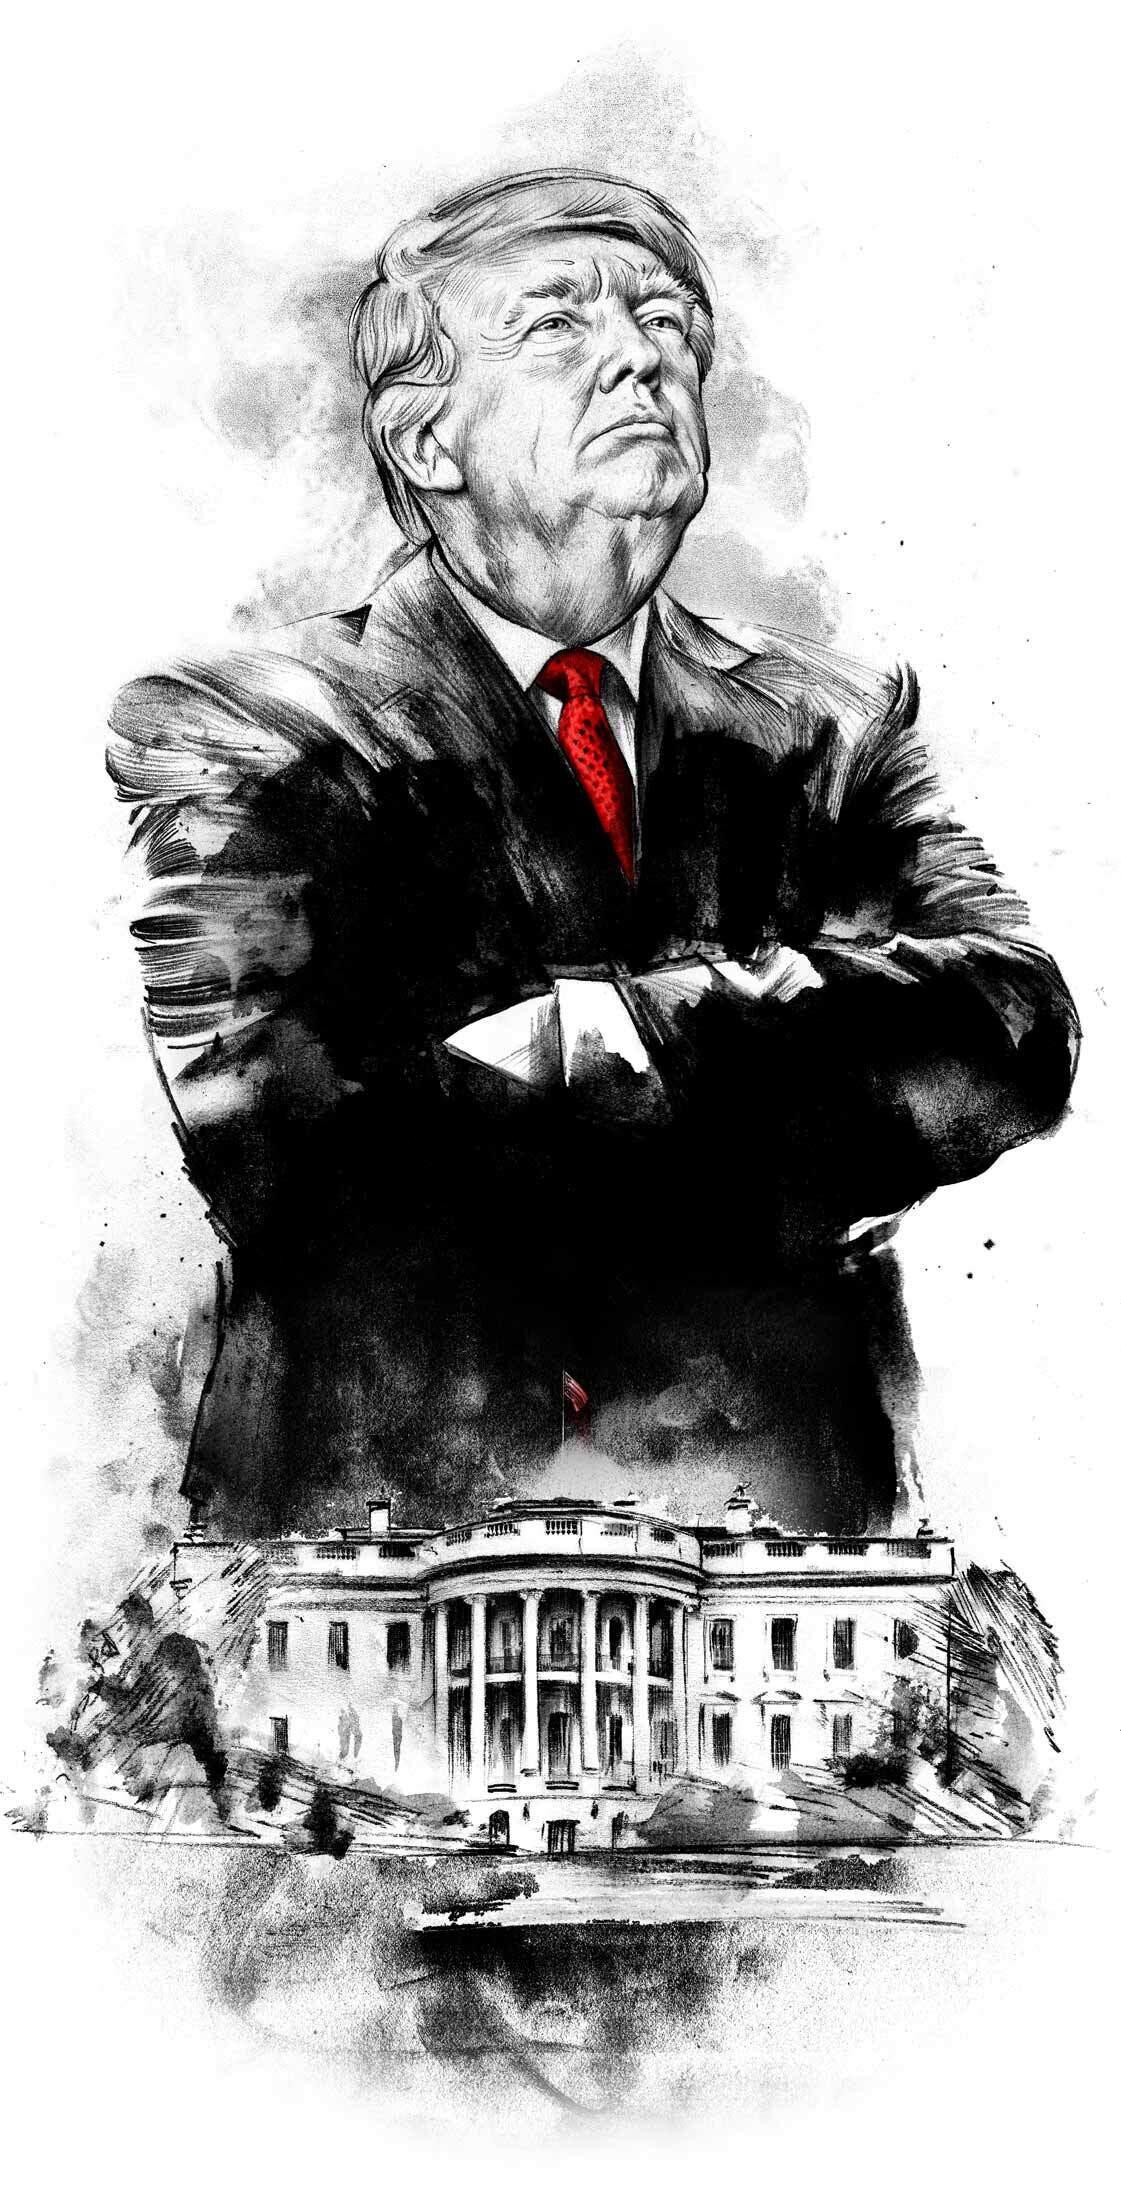 Trump white house illustration portrait - Kornel Illustration | Kornel Stadler portfolio